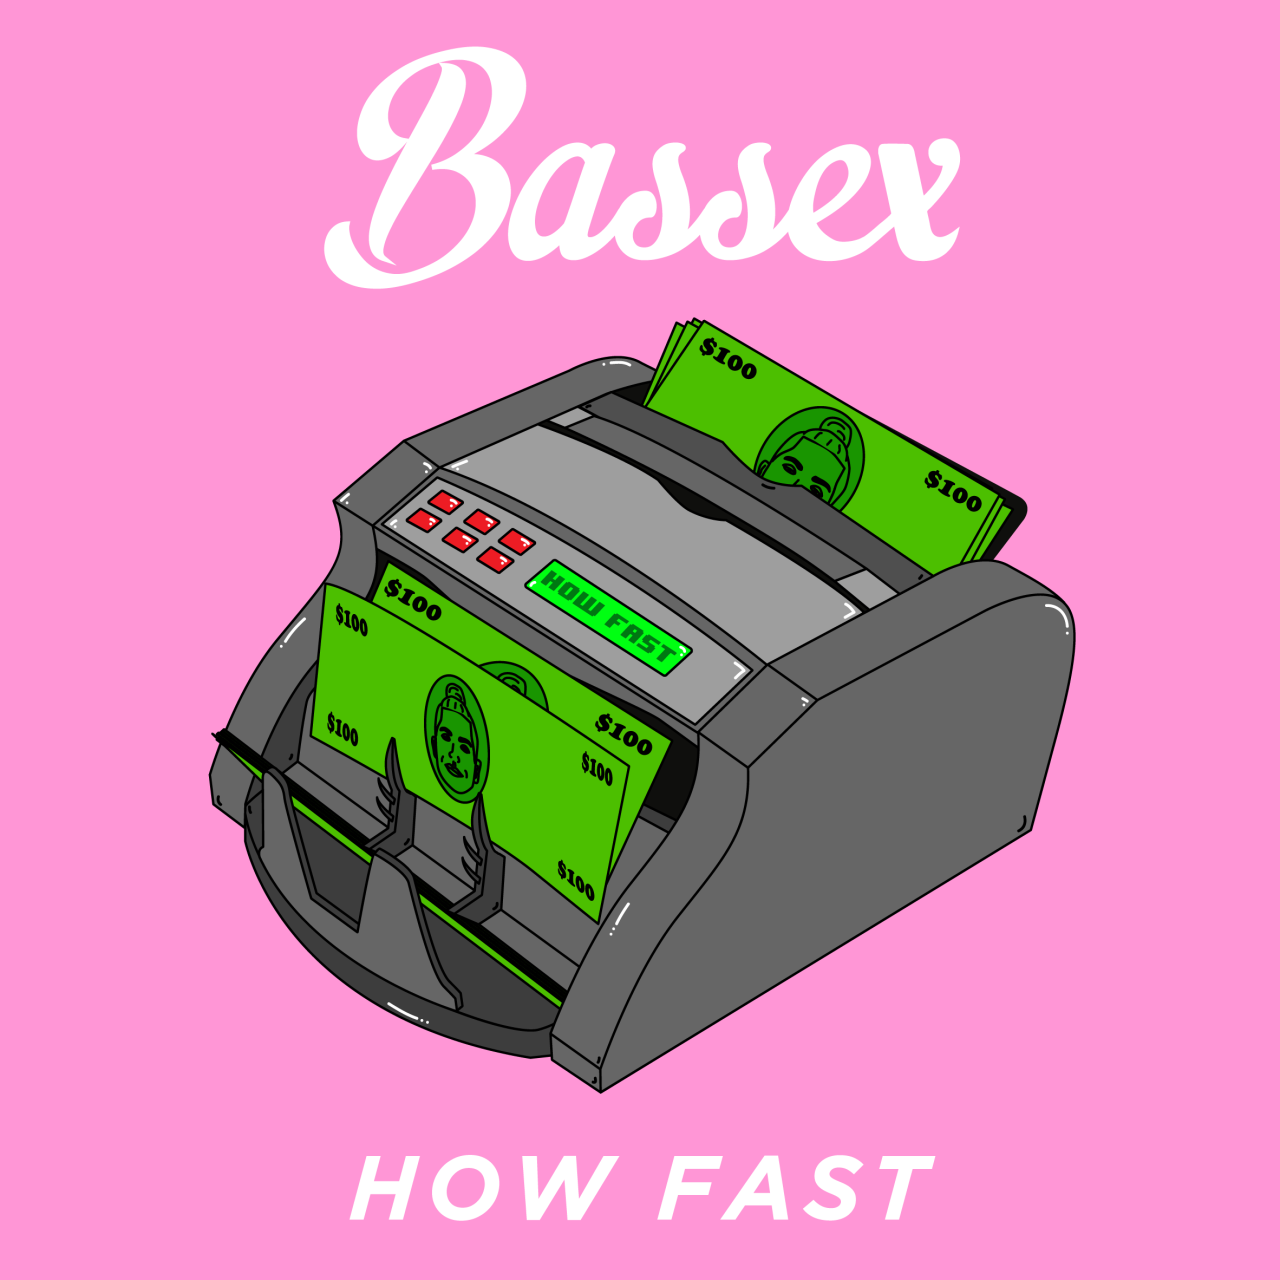 single art for bassex